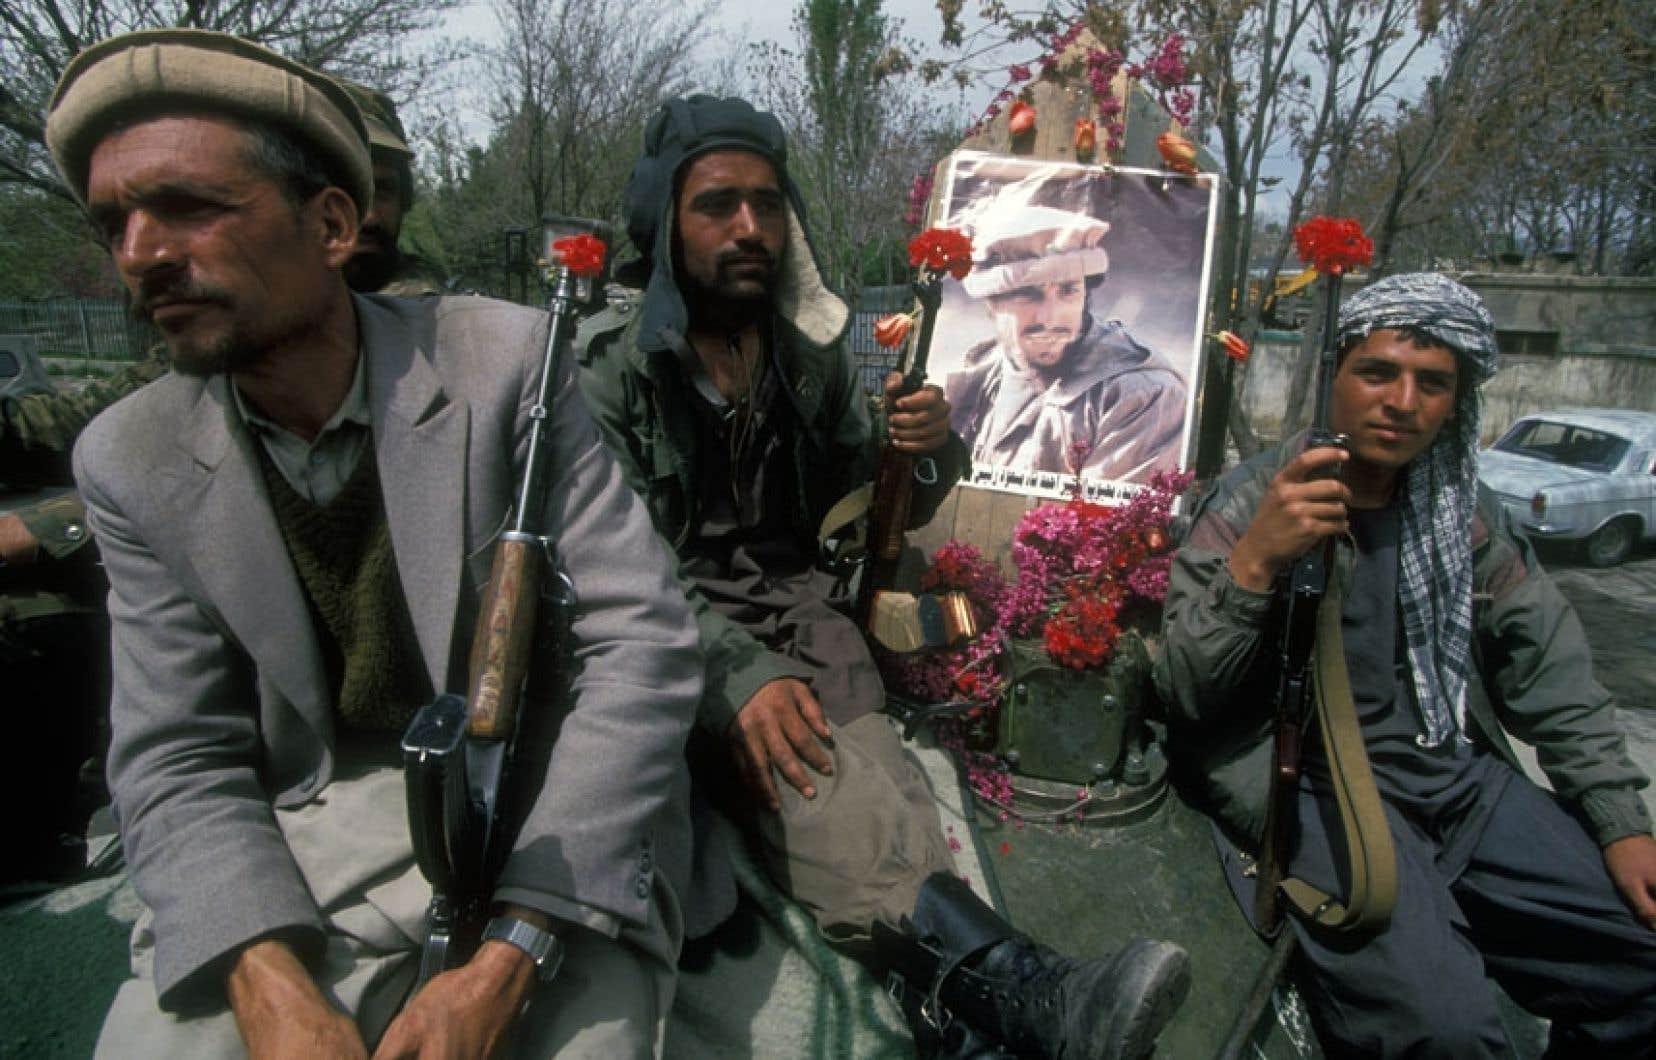 Des moudjahidine du Jamaat-e Islami célèbrent leur entrée triomphale dans Kaboul en tenant un portrait de leur leader, Ahmed Chad Massoud. Neuf ans plus tard, le commandant Massoud mourait assassiné par un kamikaze d'al-Qaïda, deux jours avant les attentats du 11septembre 2001 aux États-Unis.